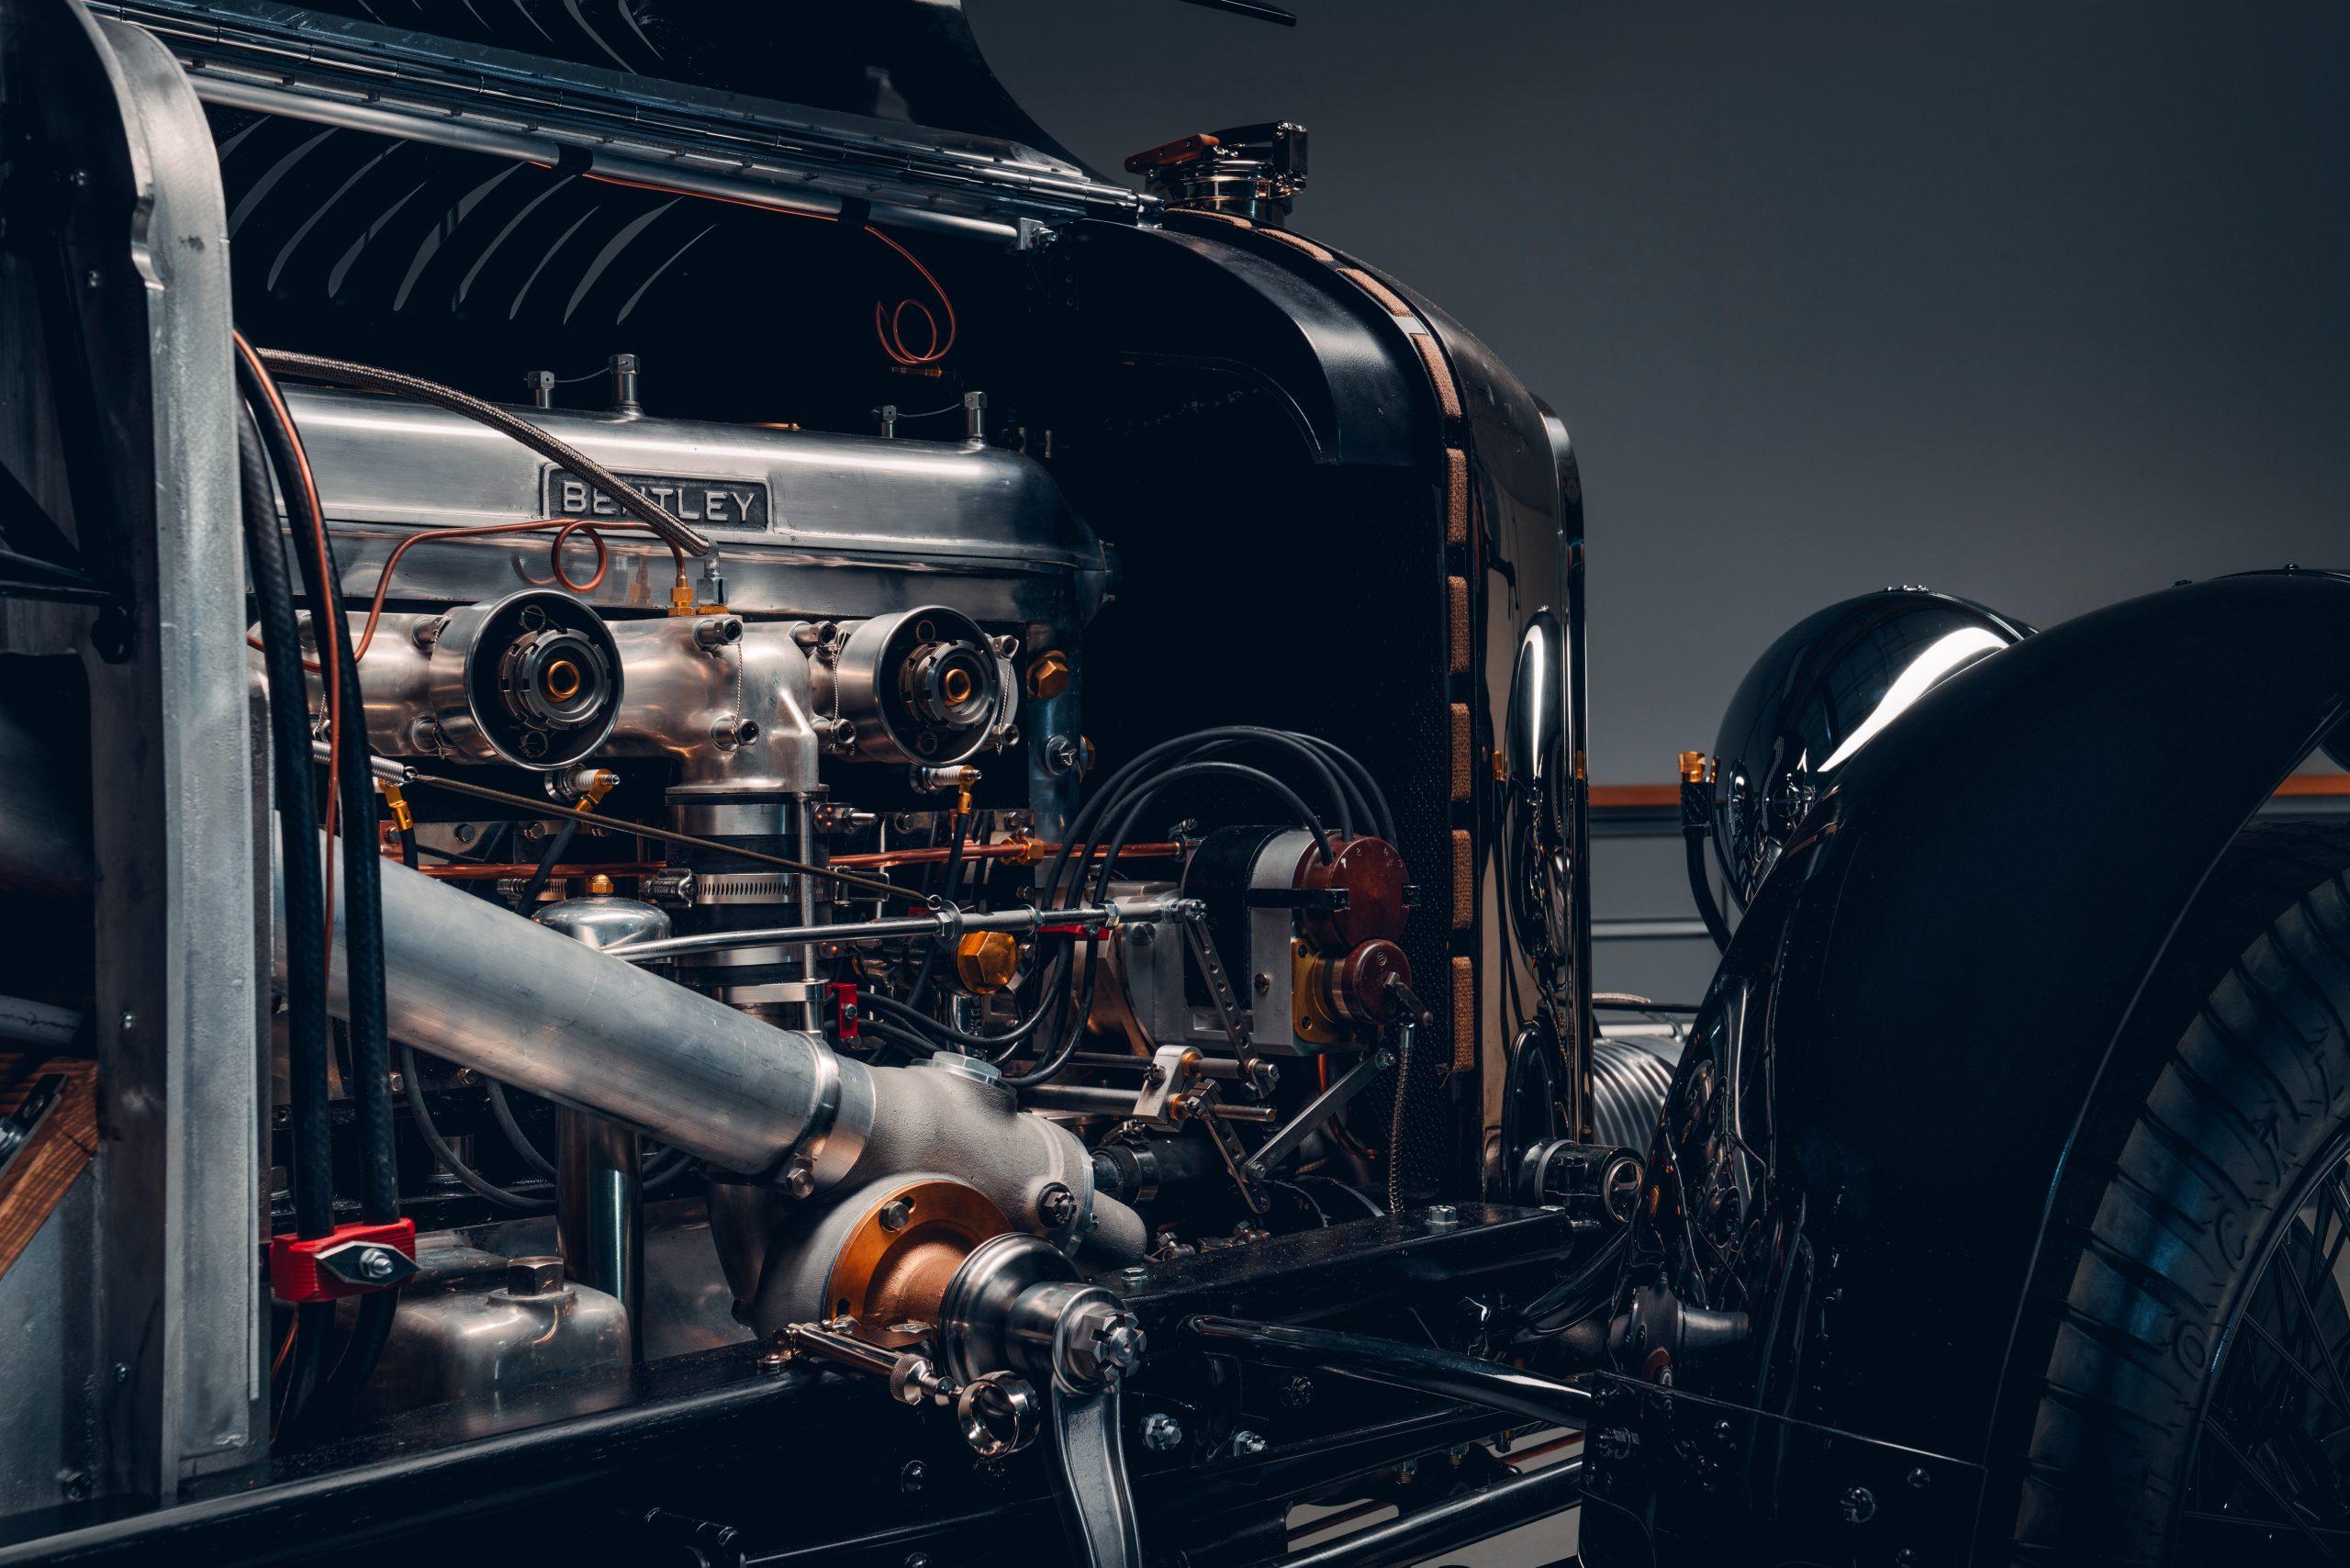 Bentley Blower Car Zero engine